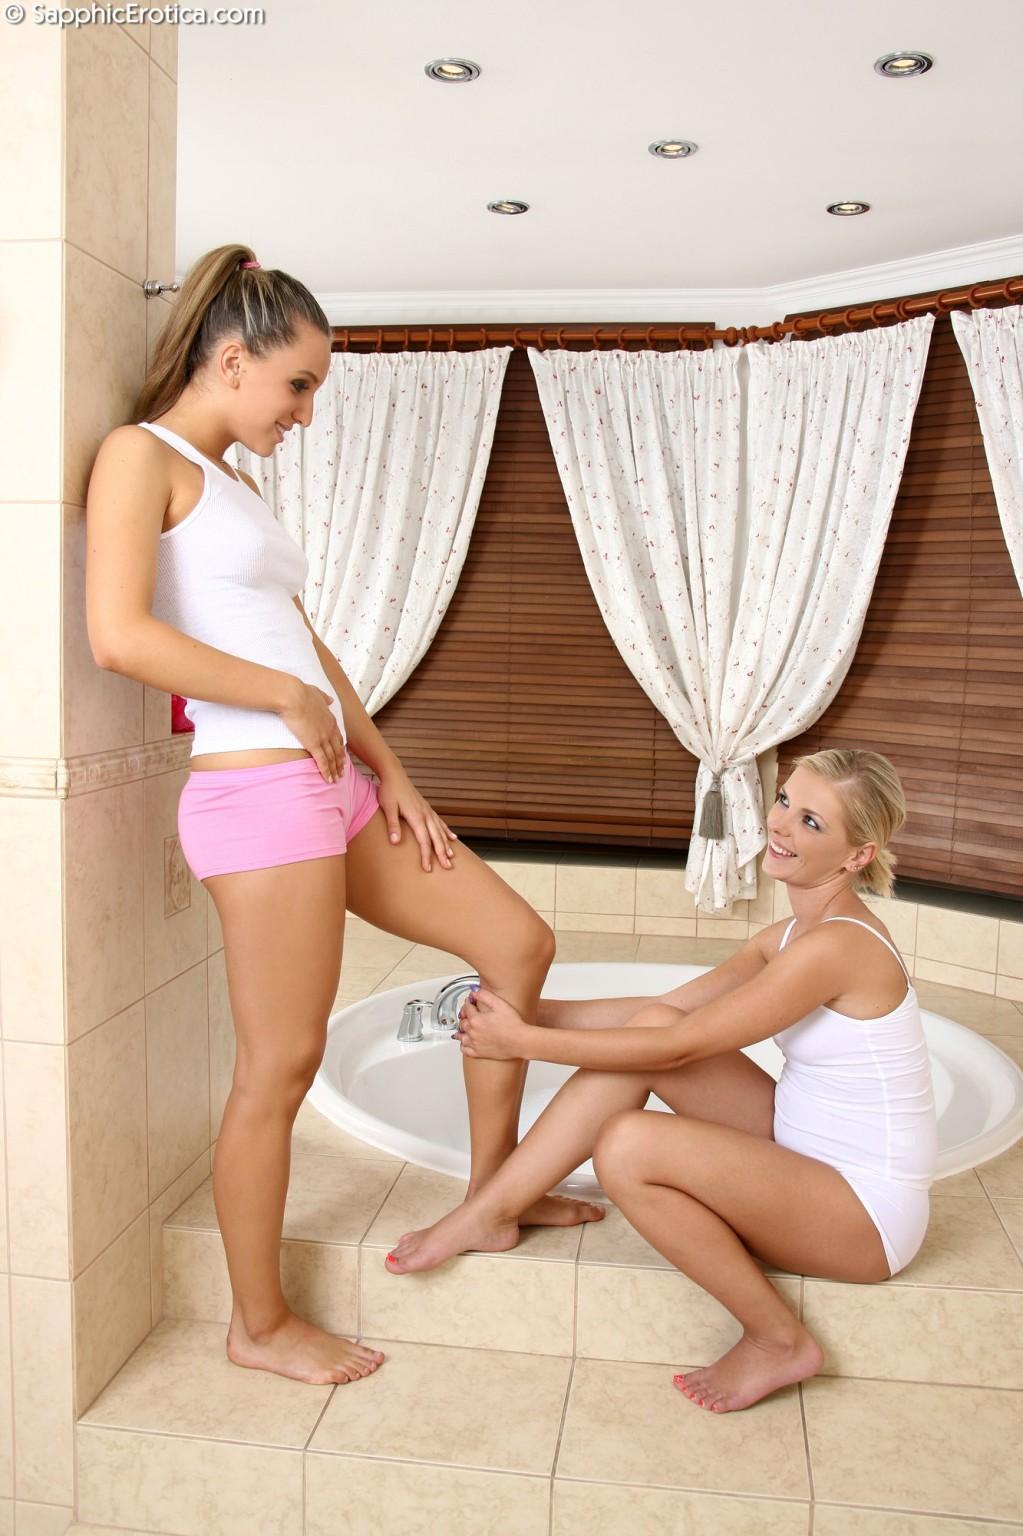 Подруги отдыхают в пенном джакузи